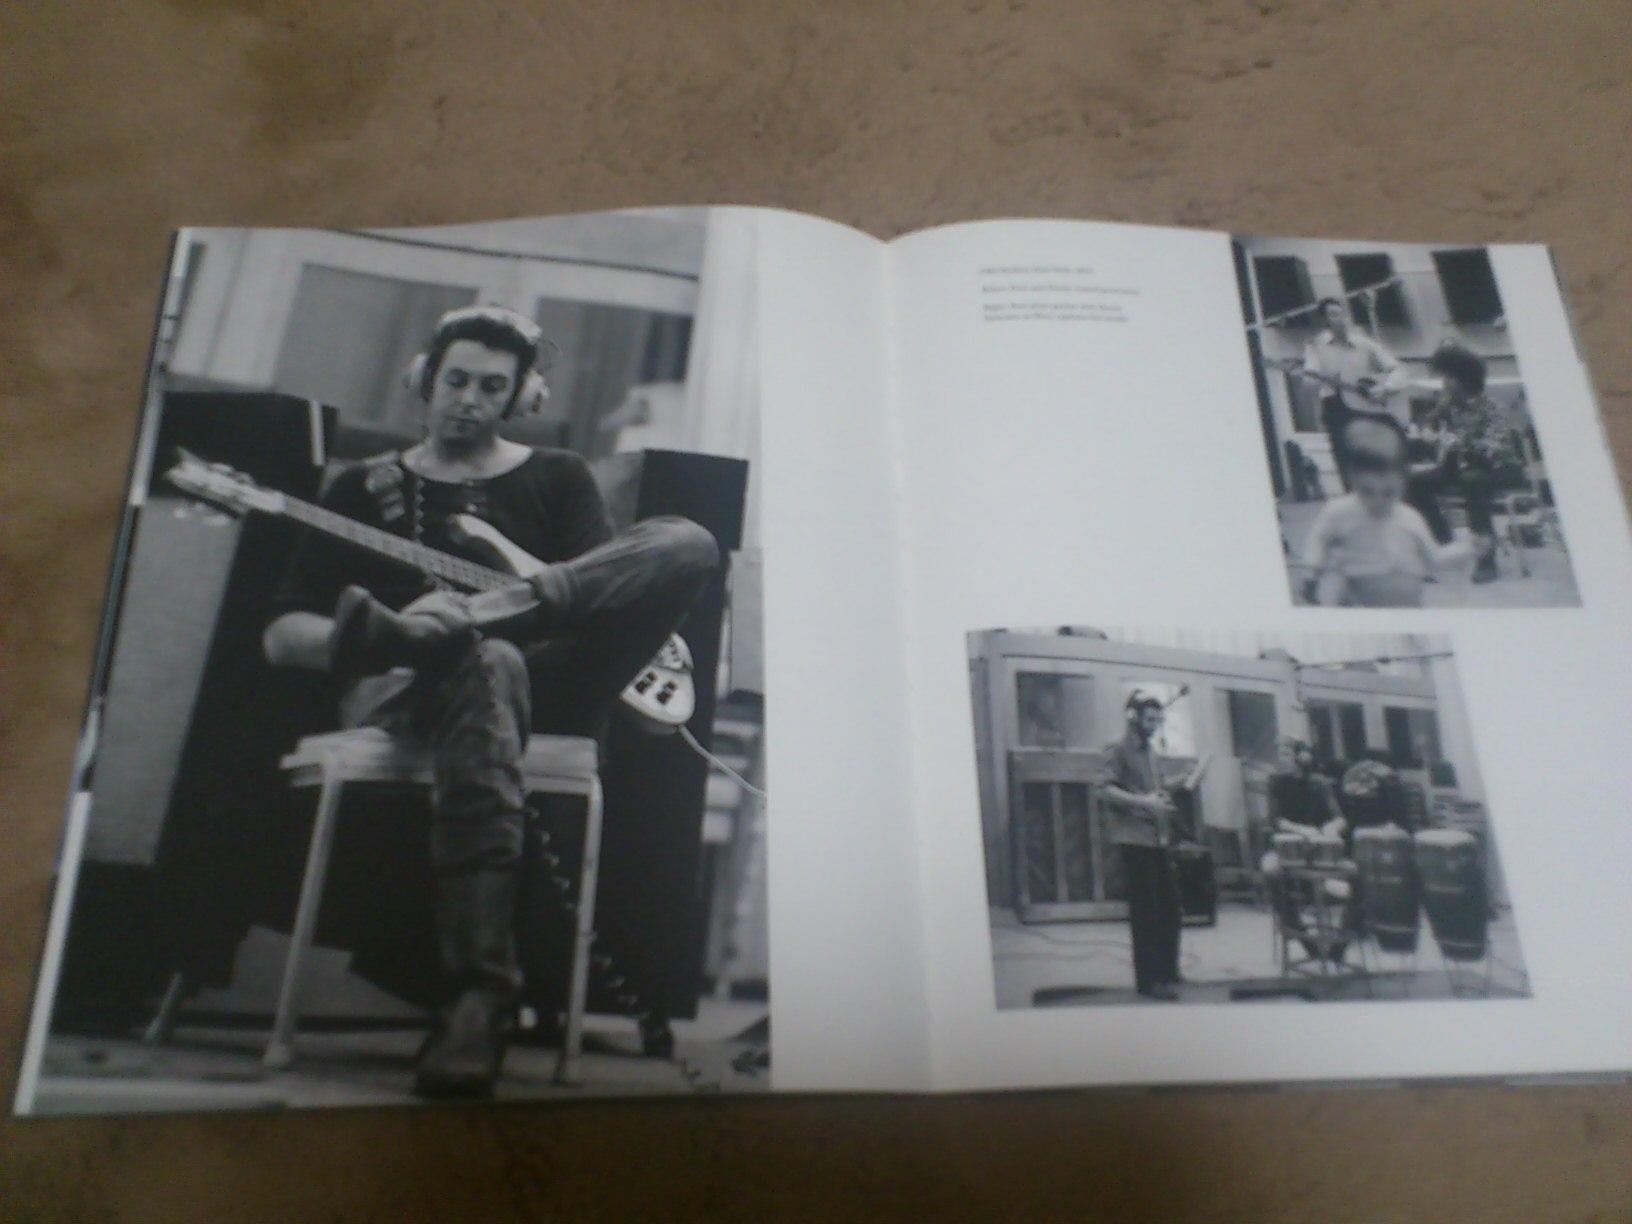 「ざまーみろ」 ポール・マッカートニー「RAM」再発売にあたって_a0189732_1842874.jpg